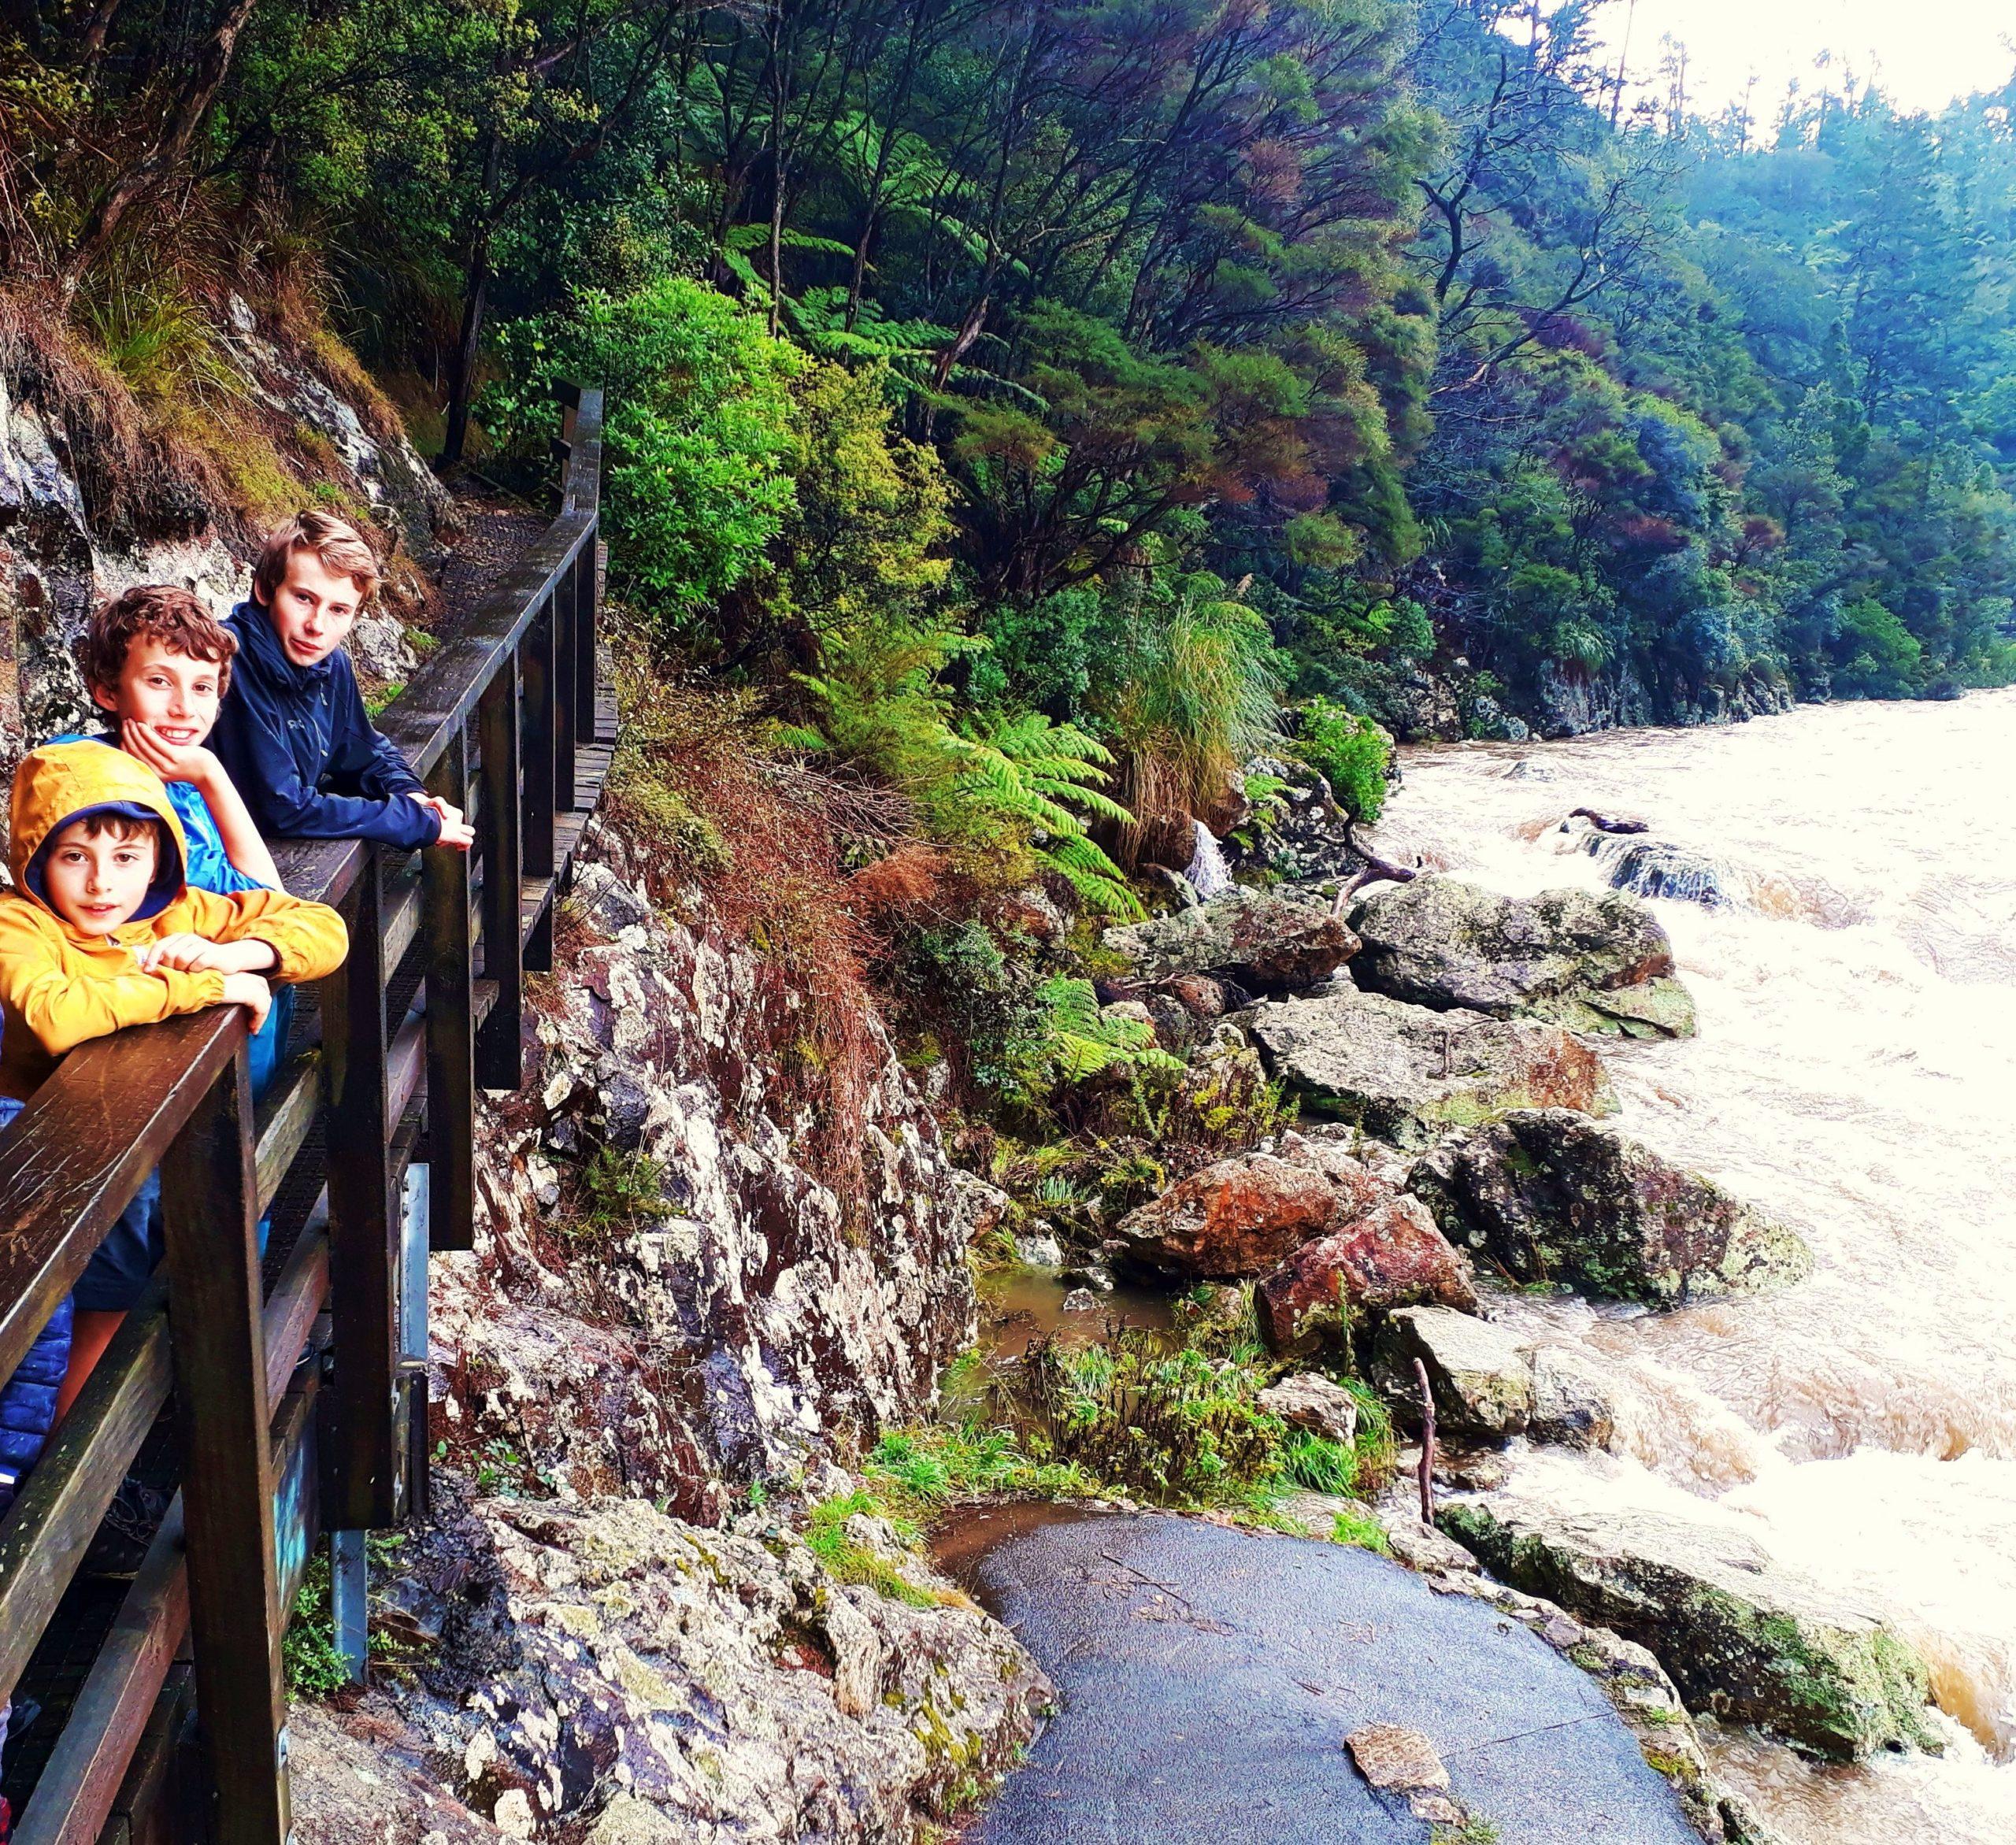 Prends ton baluchon - épisode 7 : Axel, Célian et Lubin en Nouvelle-Zélande